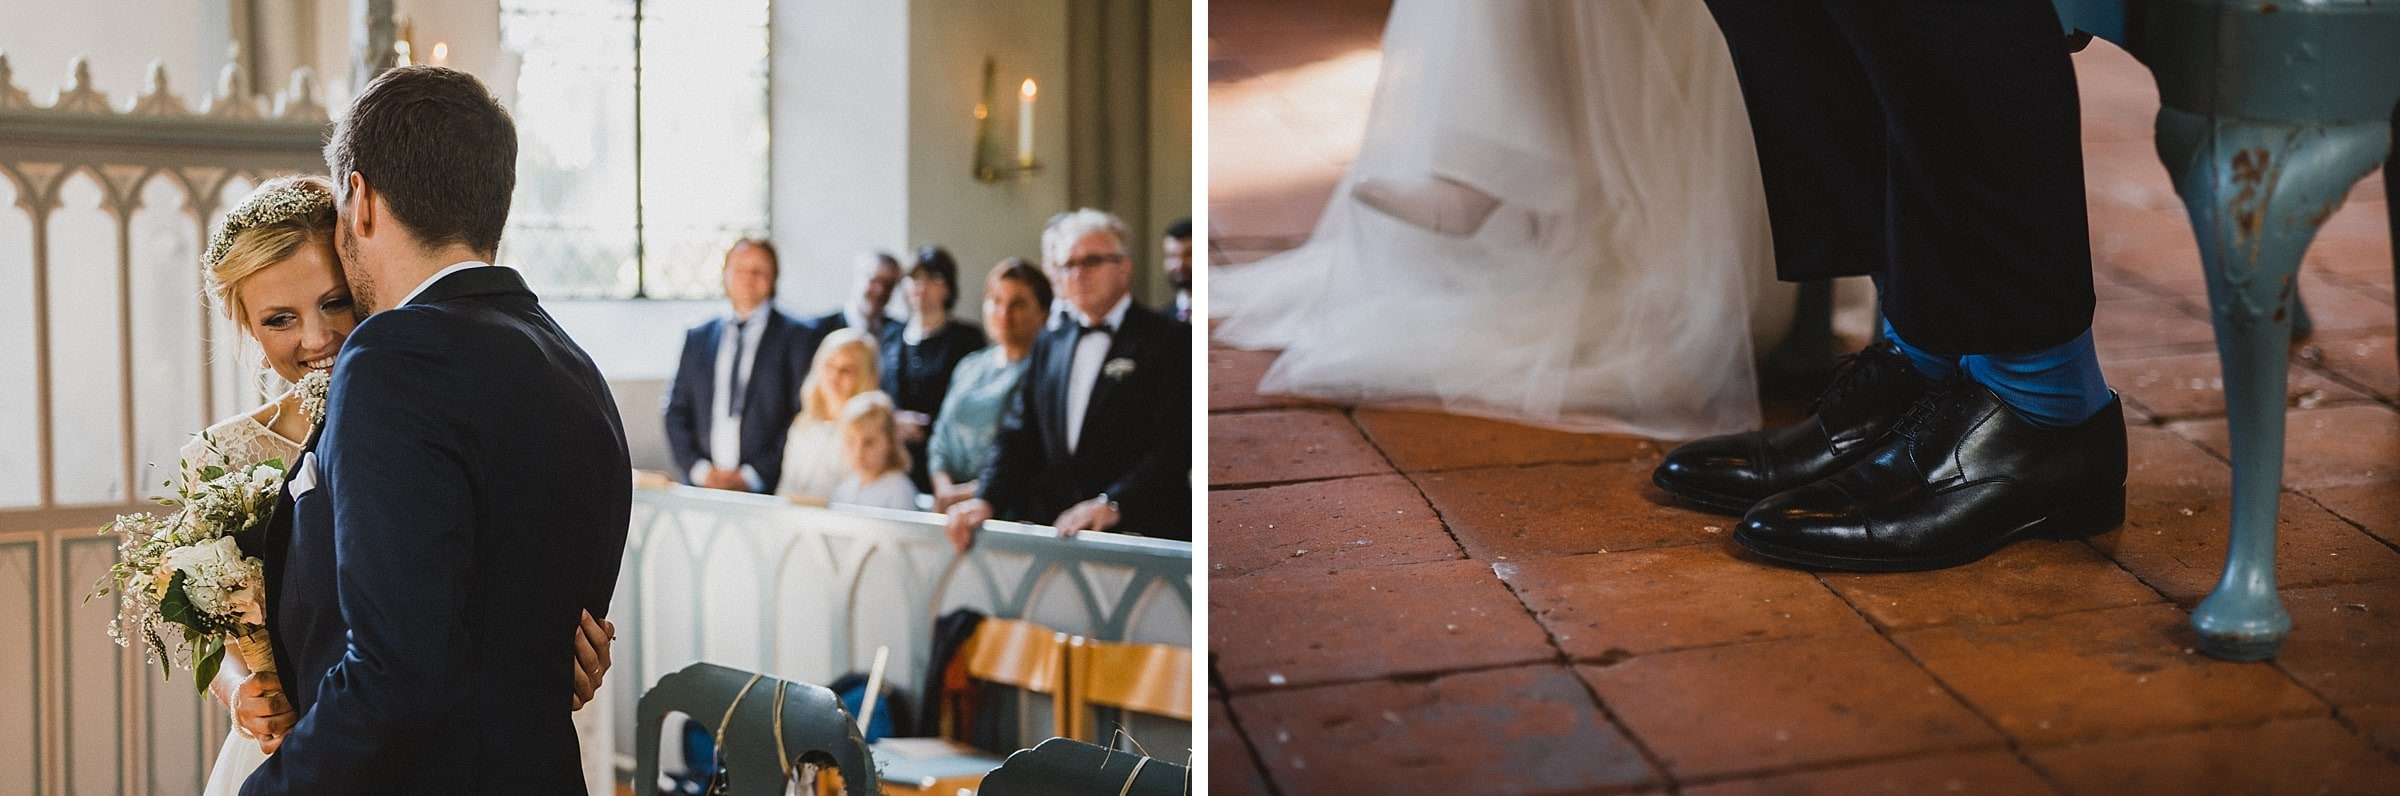 Hochzeitsfotografie Hamburg-Frau-Siemers-Gut Basthorst- kirchliche Trauung-Bräutigam küsst Braut auf die Schläfe.